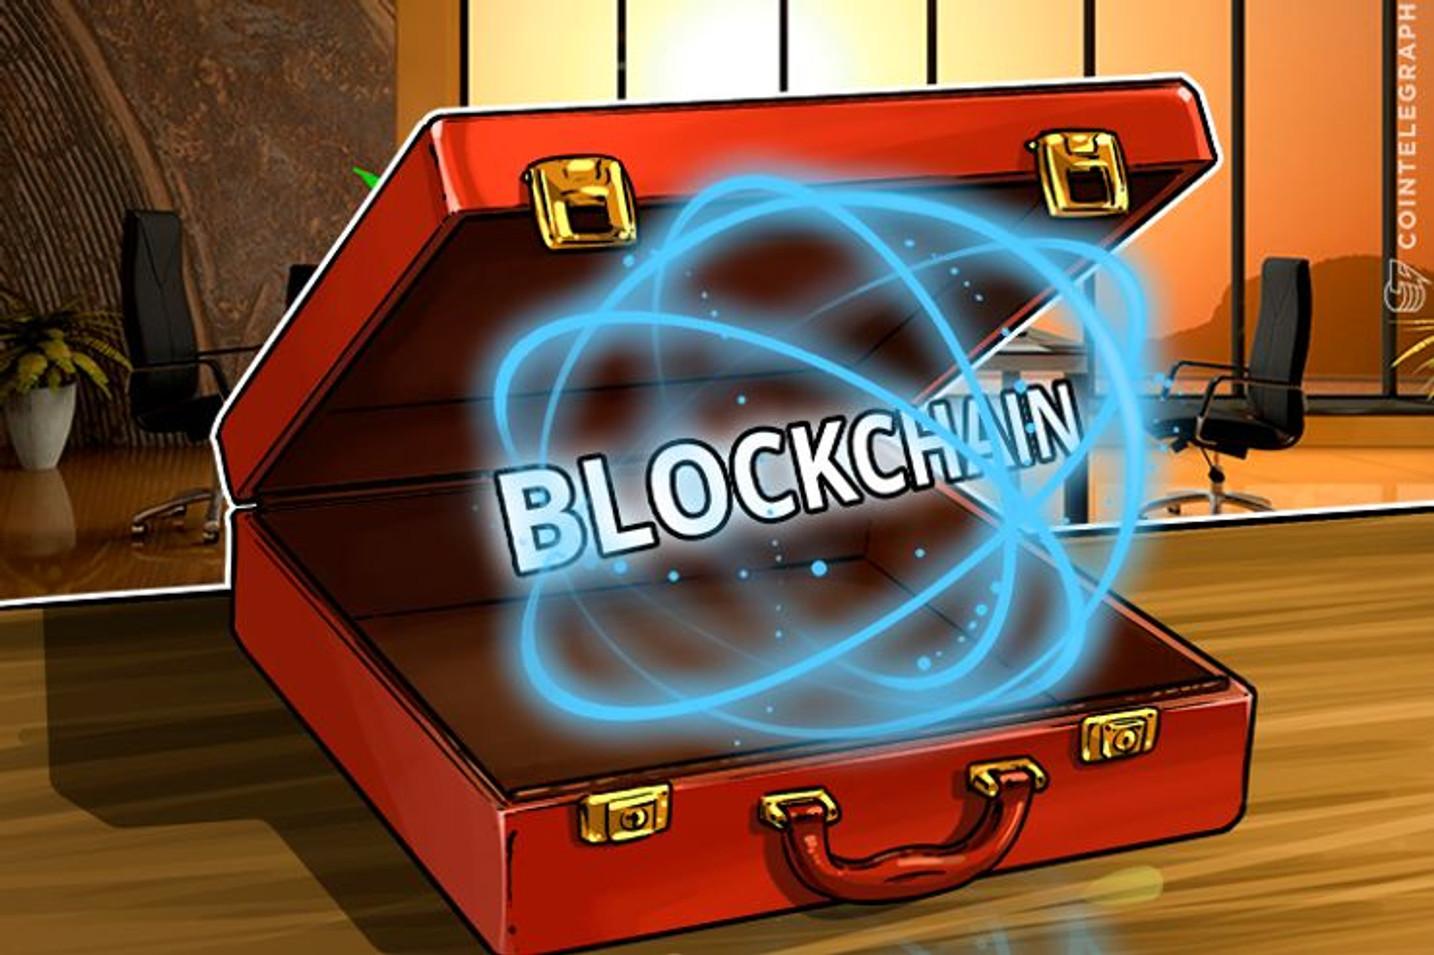 En España, una firma del sector óptico aplicará blockchain para brindar servicios a clientes